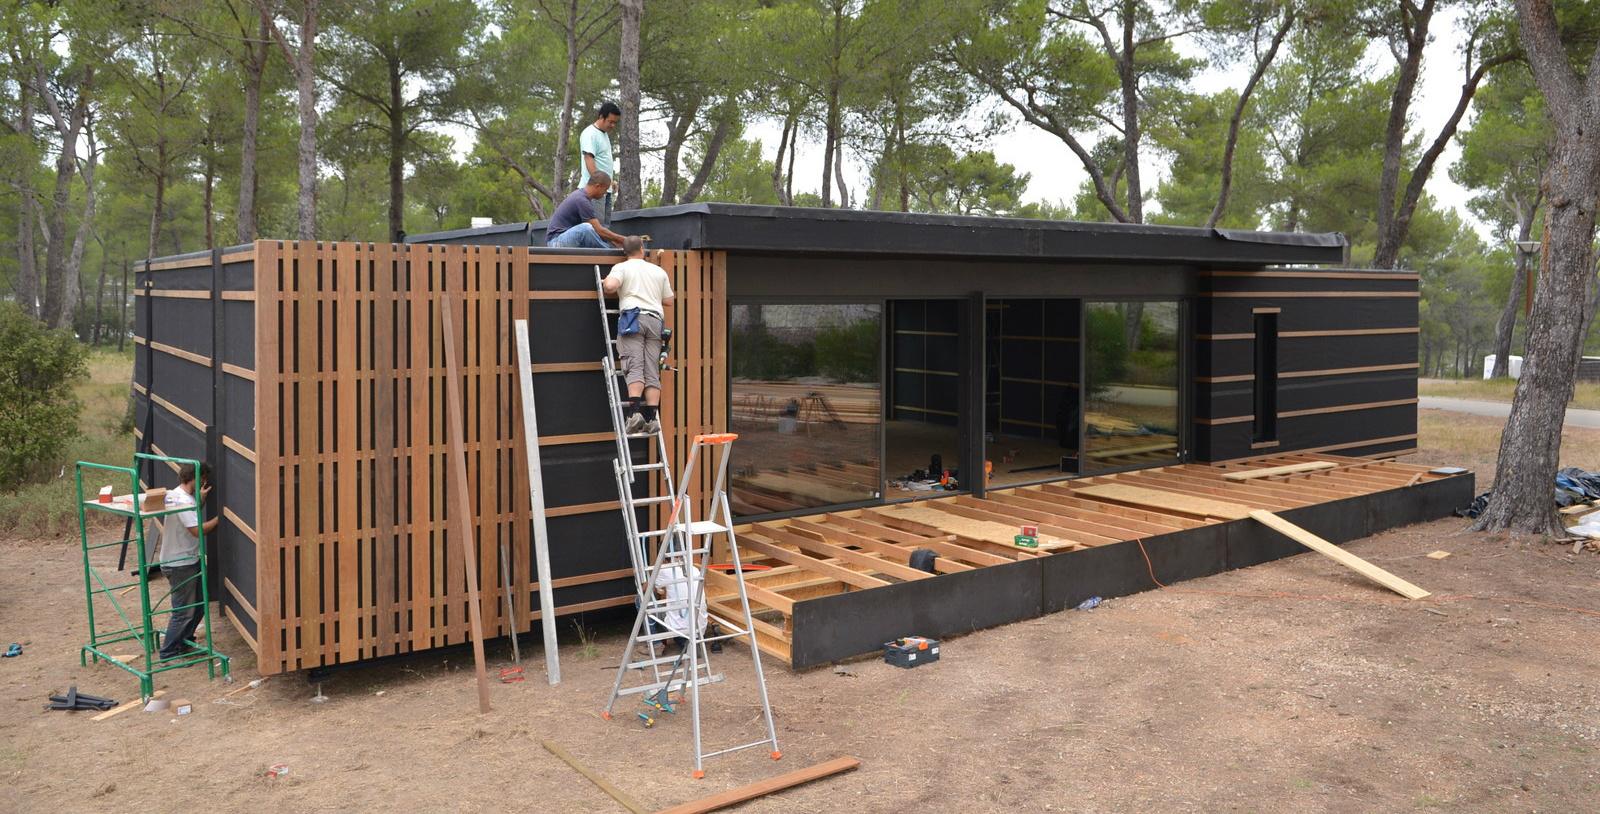 El 39 h galo usted mismo 39 llega a la construcci n de casas for Cuanto cuesta un plano para construir una casa